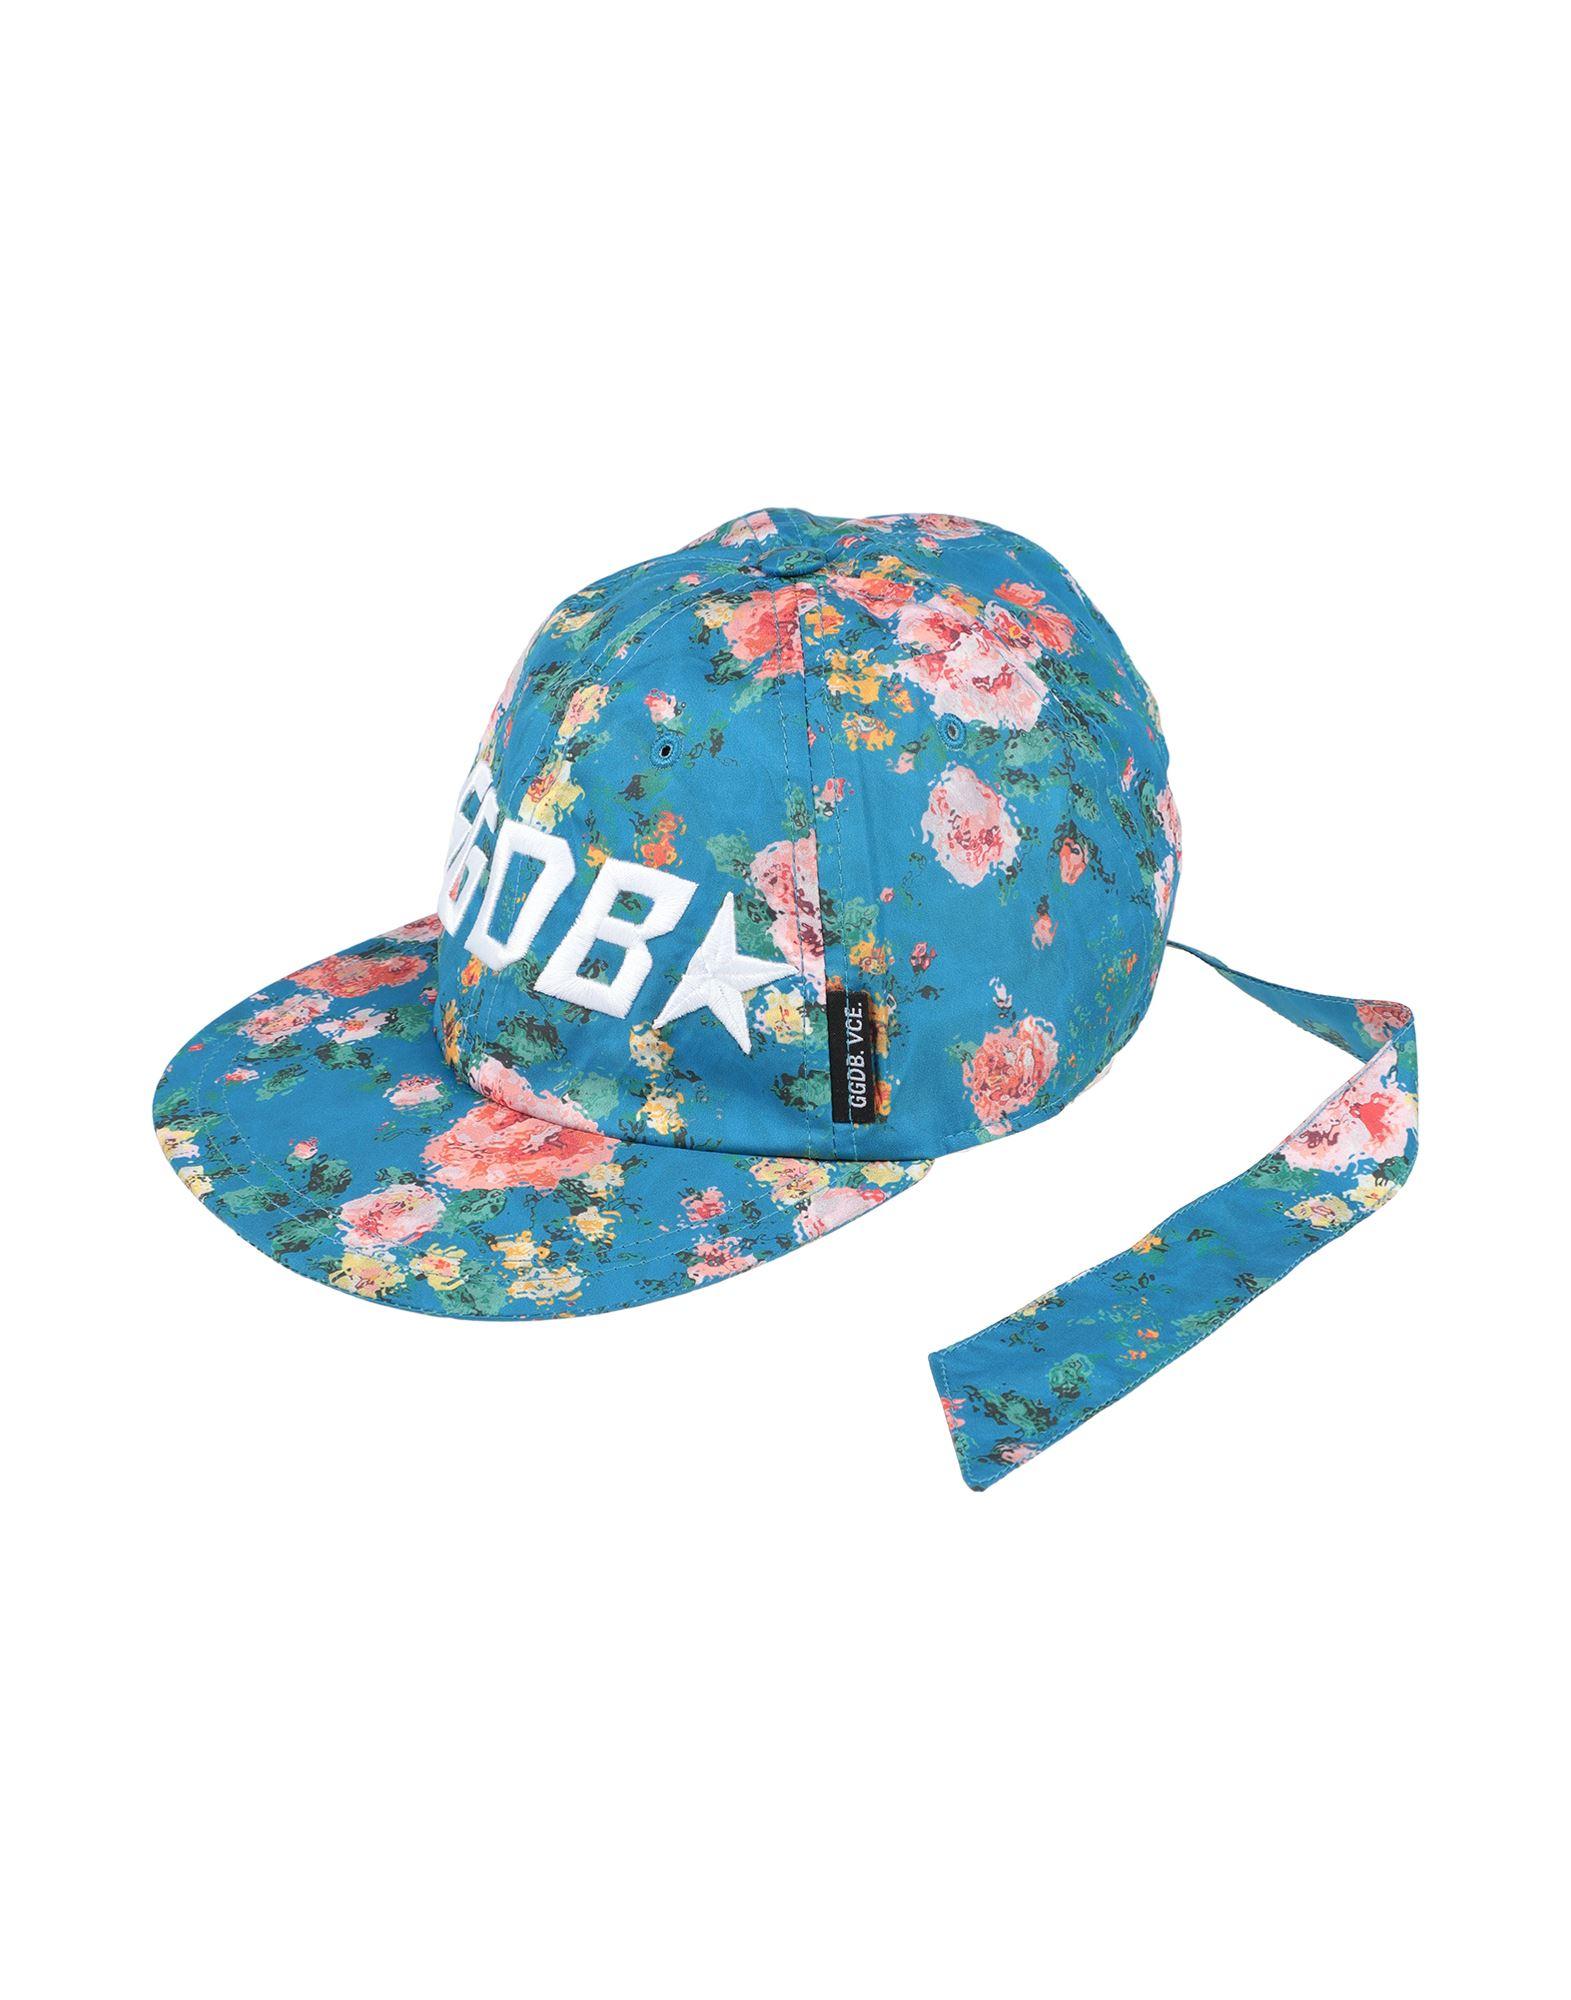 GOLDEN GOOSE DELUXE BRAND Hats - Item 46750177